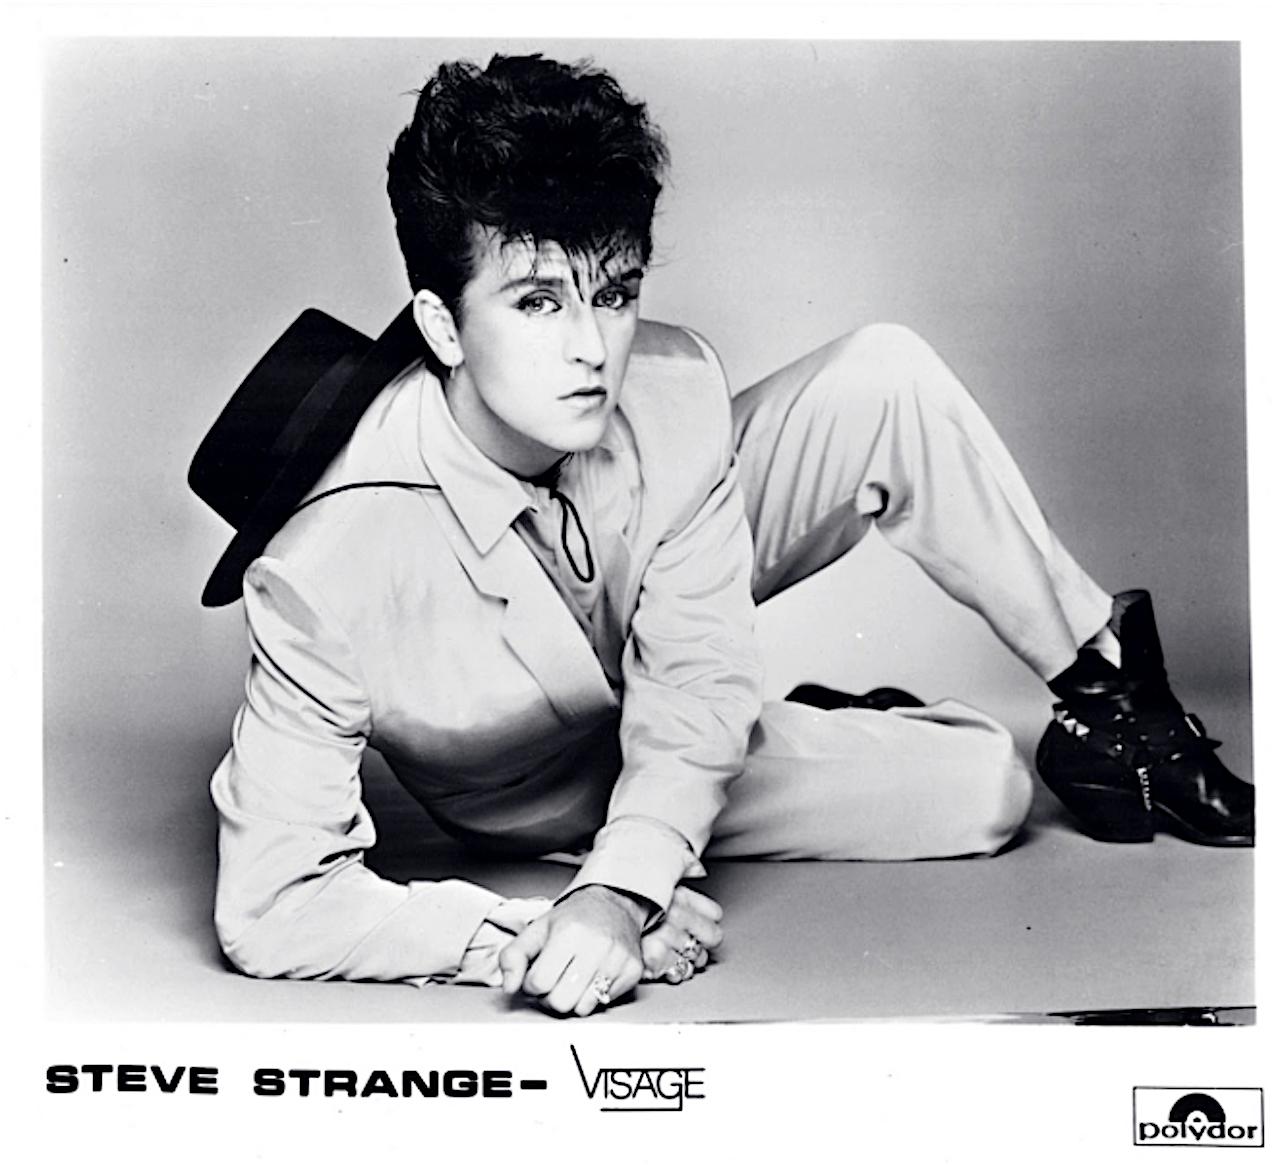 steve_strange_visage_1980_fade_to_grey